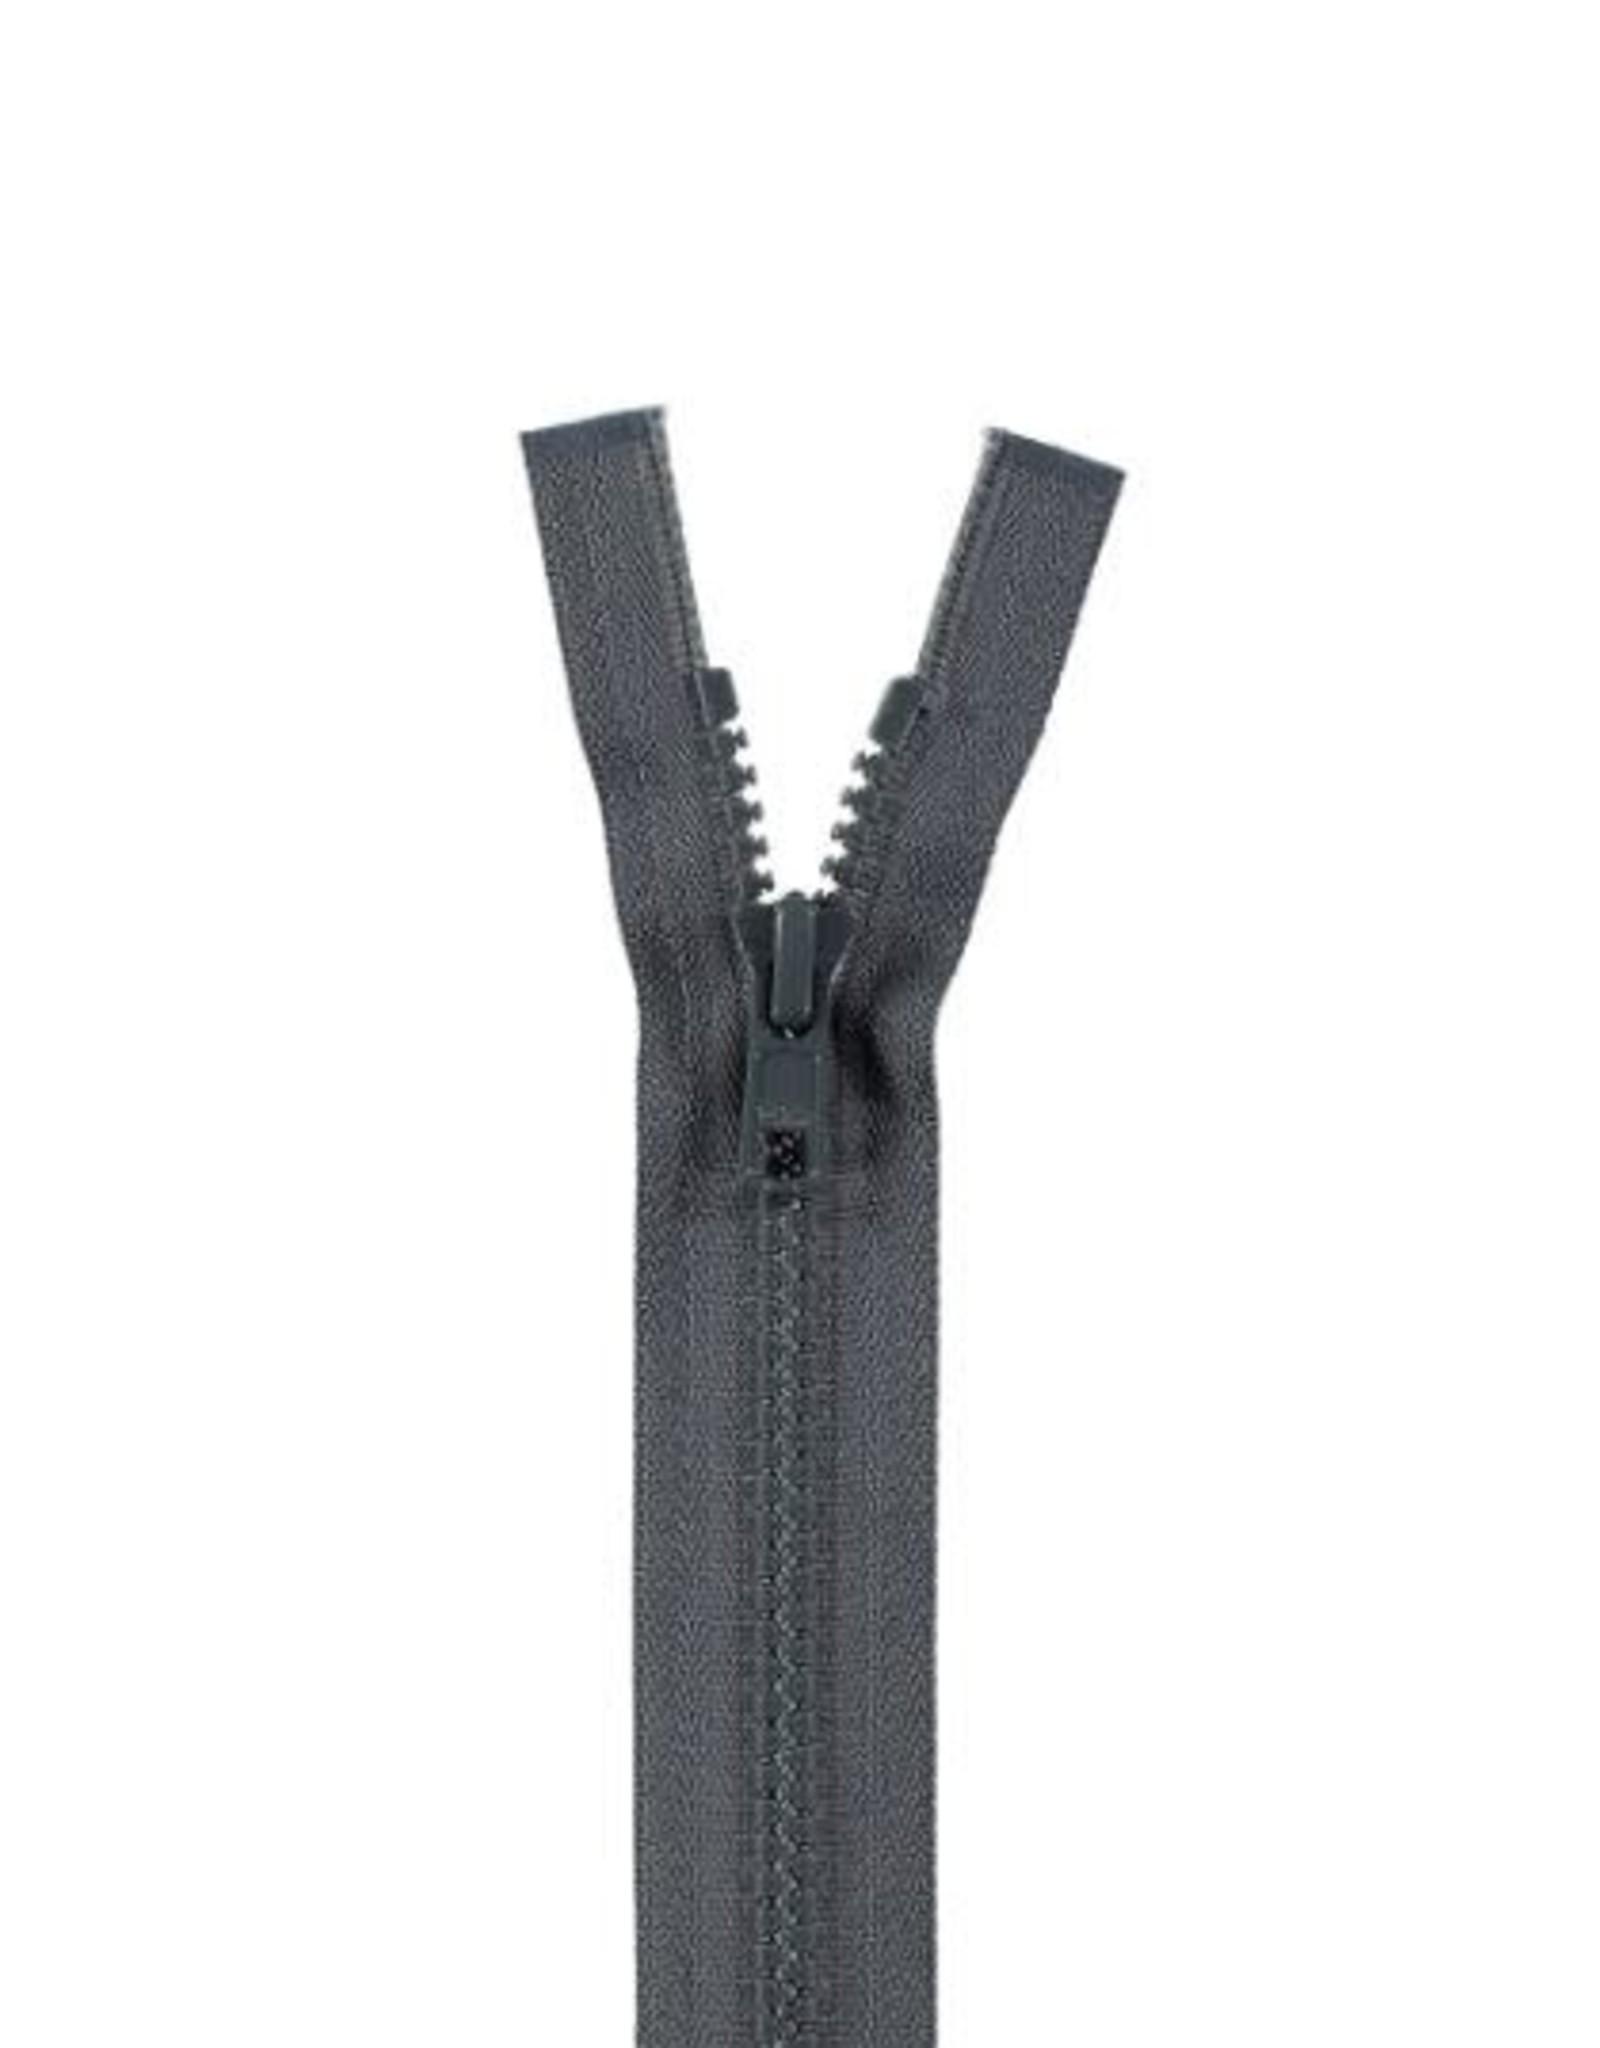 YKK BLOKRITS 5 DEELBAAR d. grijs 579-40cm